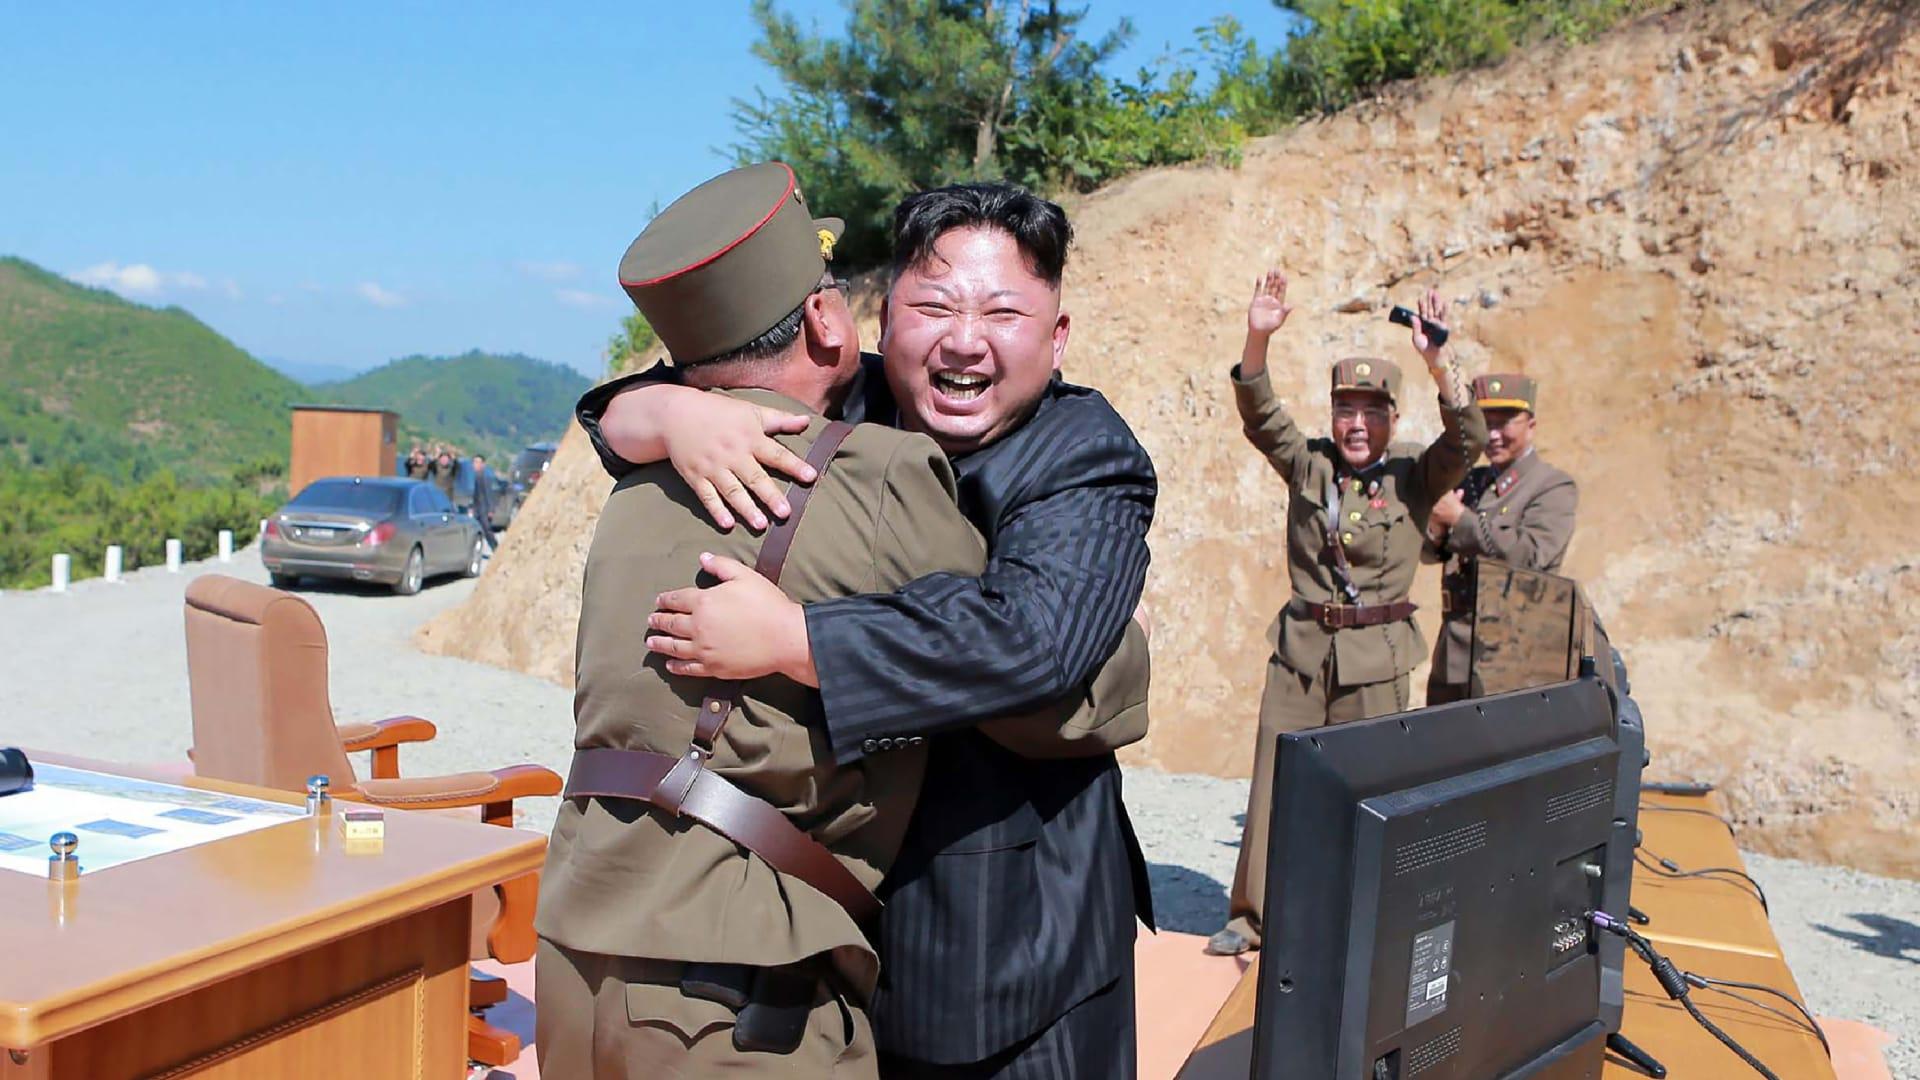 خبير اقتصادي: ازداد الطلب على الملاذات الآمنة بعد رفع كوريا الشمالية مستوى التحدي